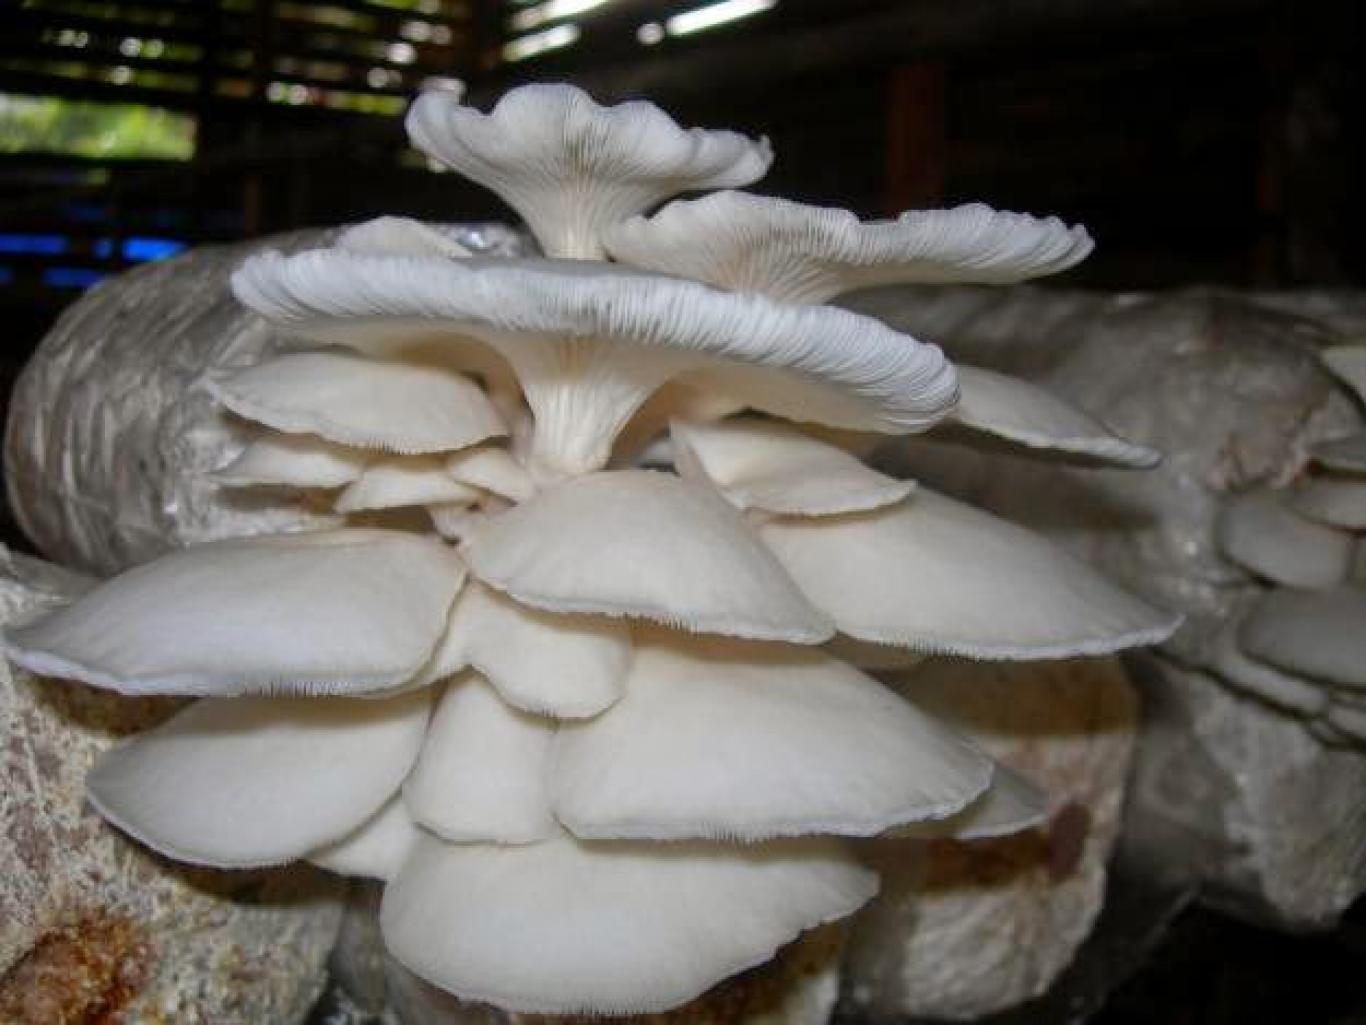 Hasil gambar untuk budidaya jamur tiram